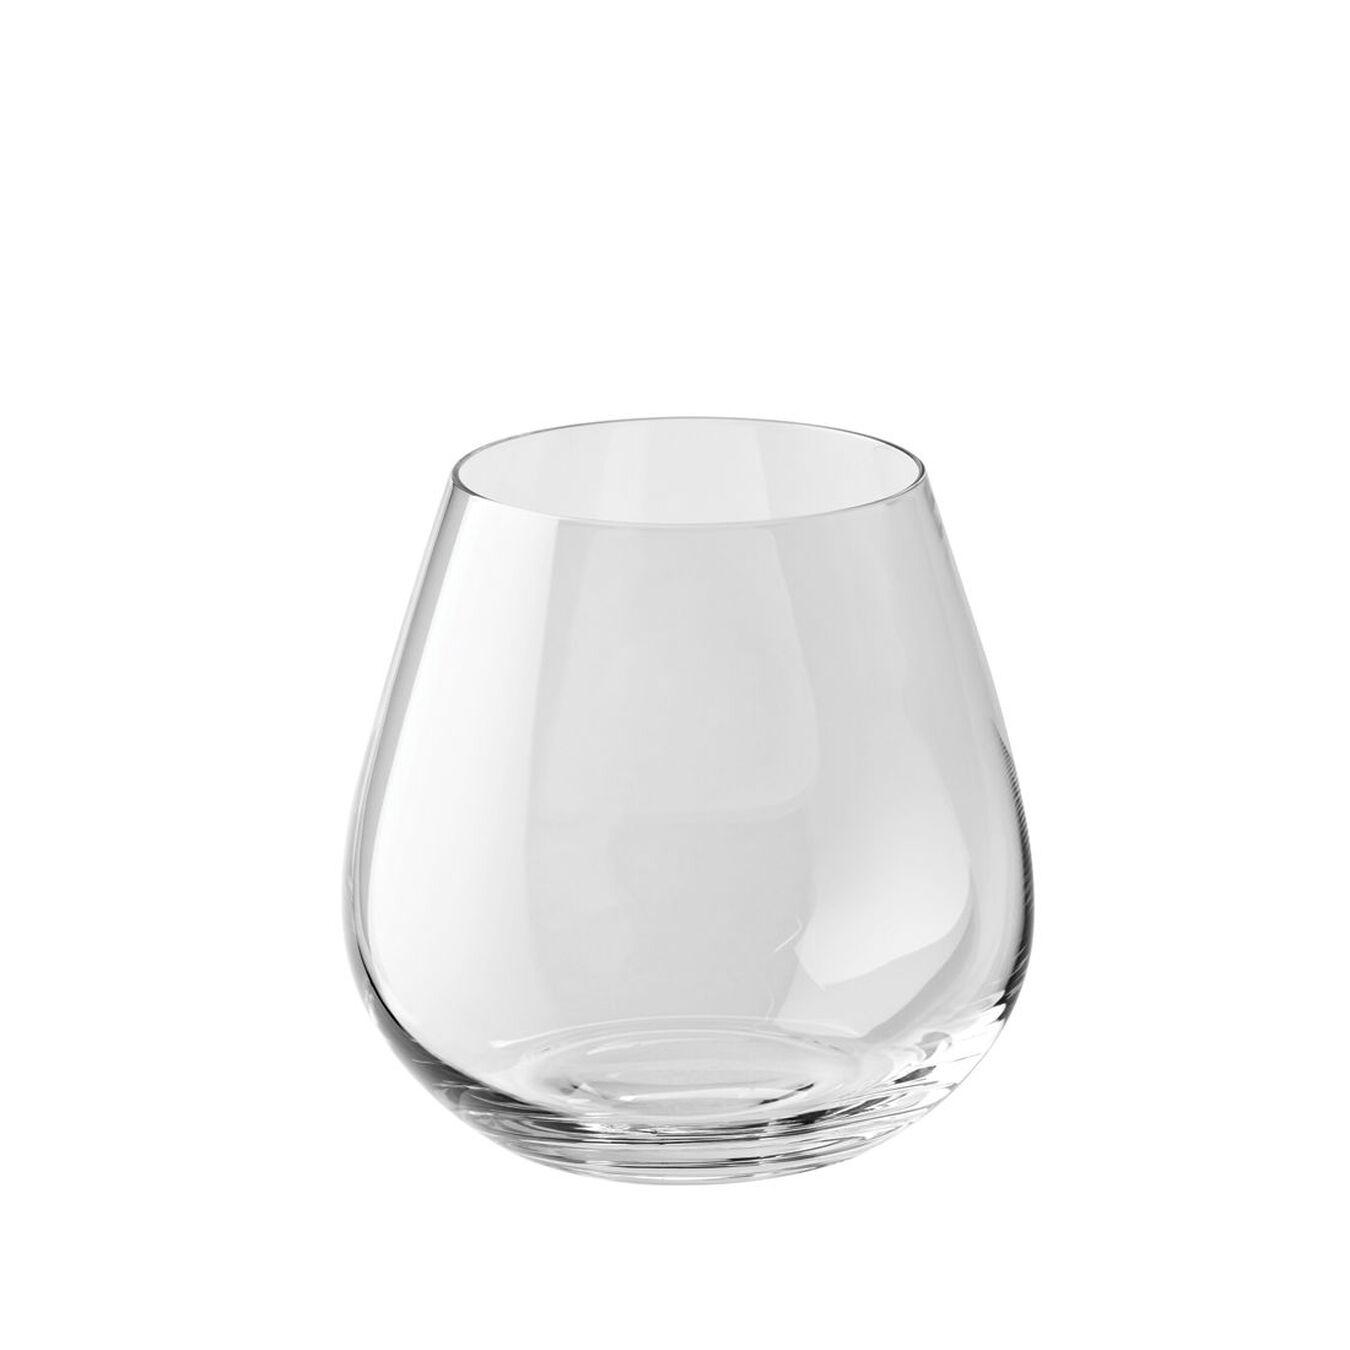 6-pc Whisky glass set, ,,large 1